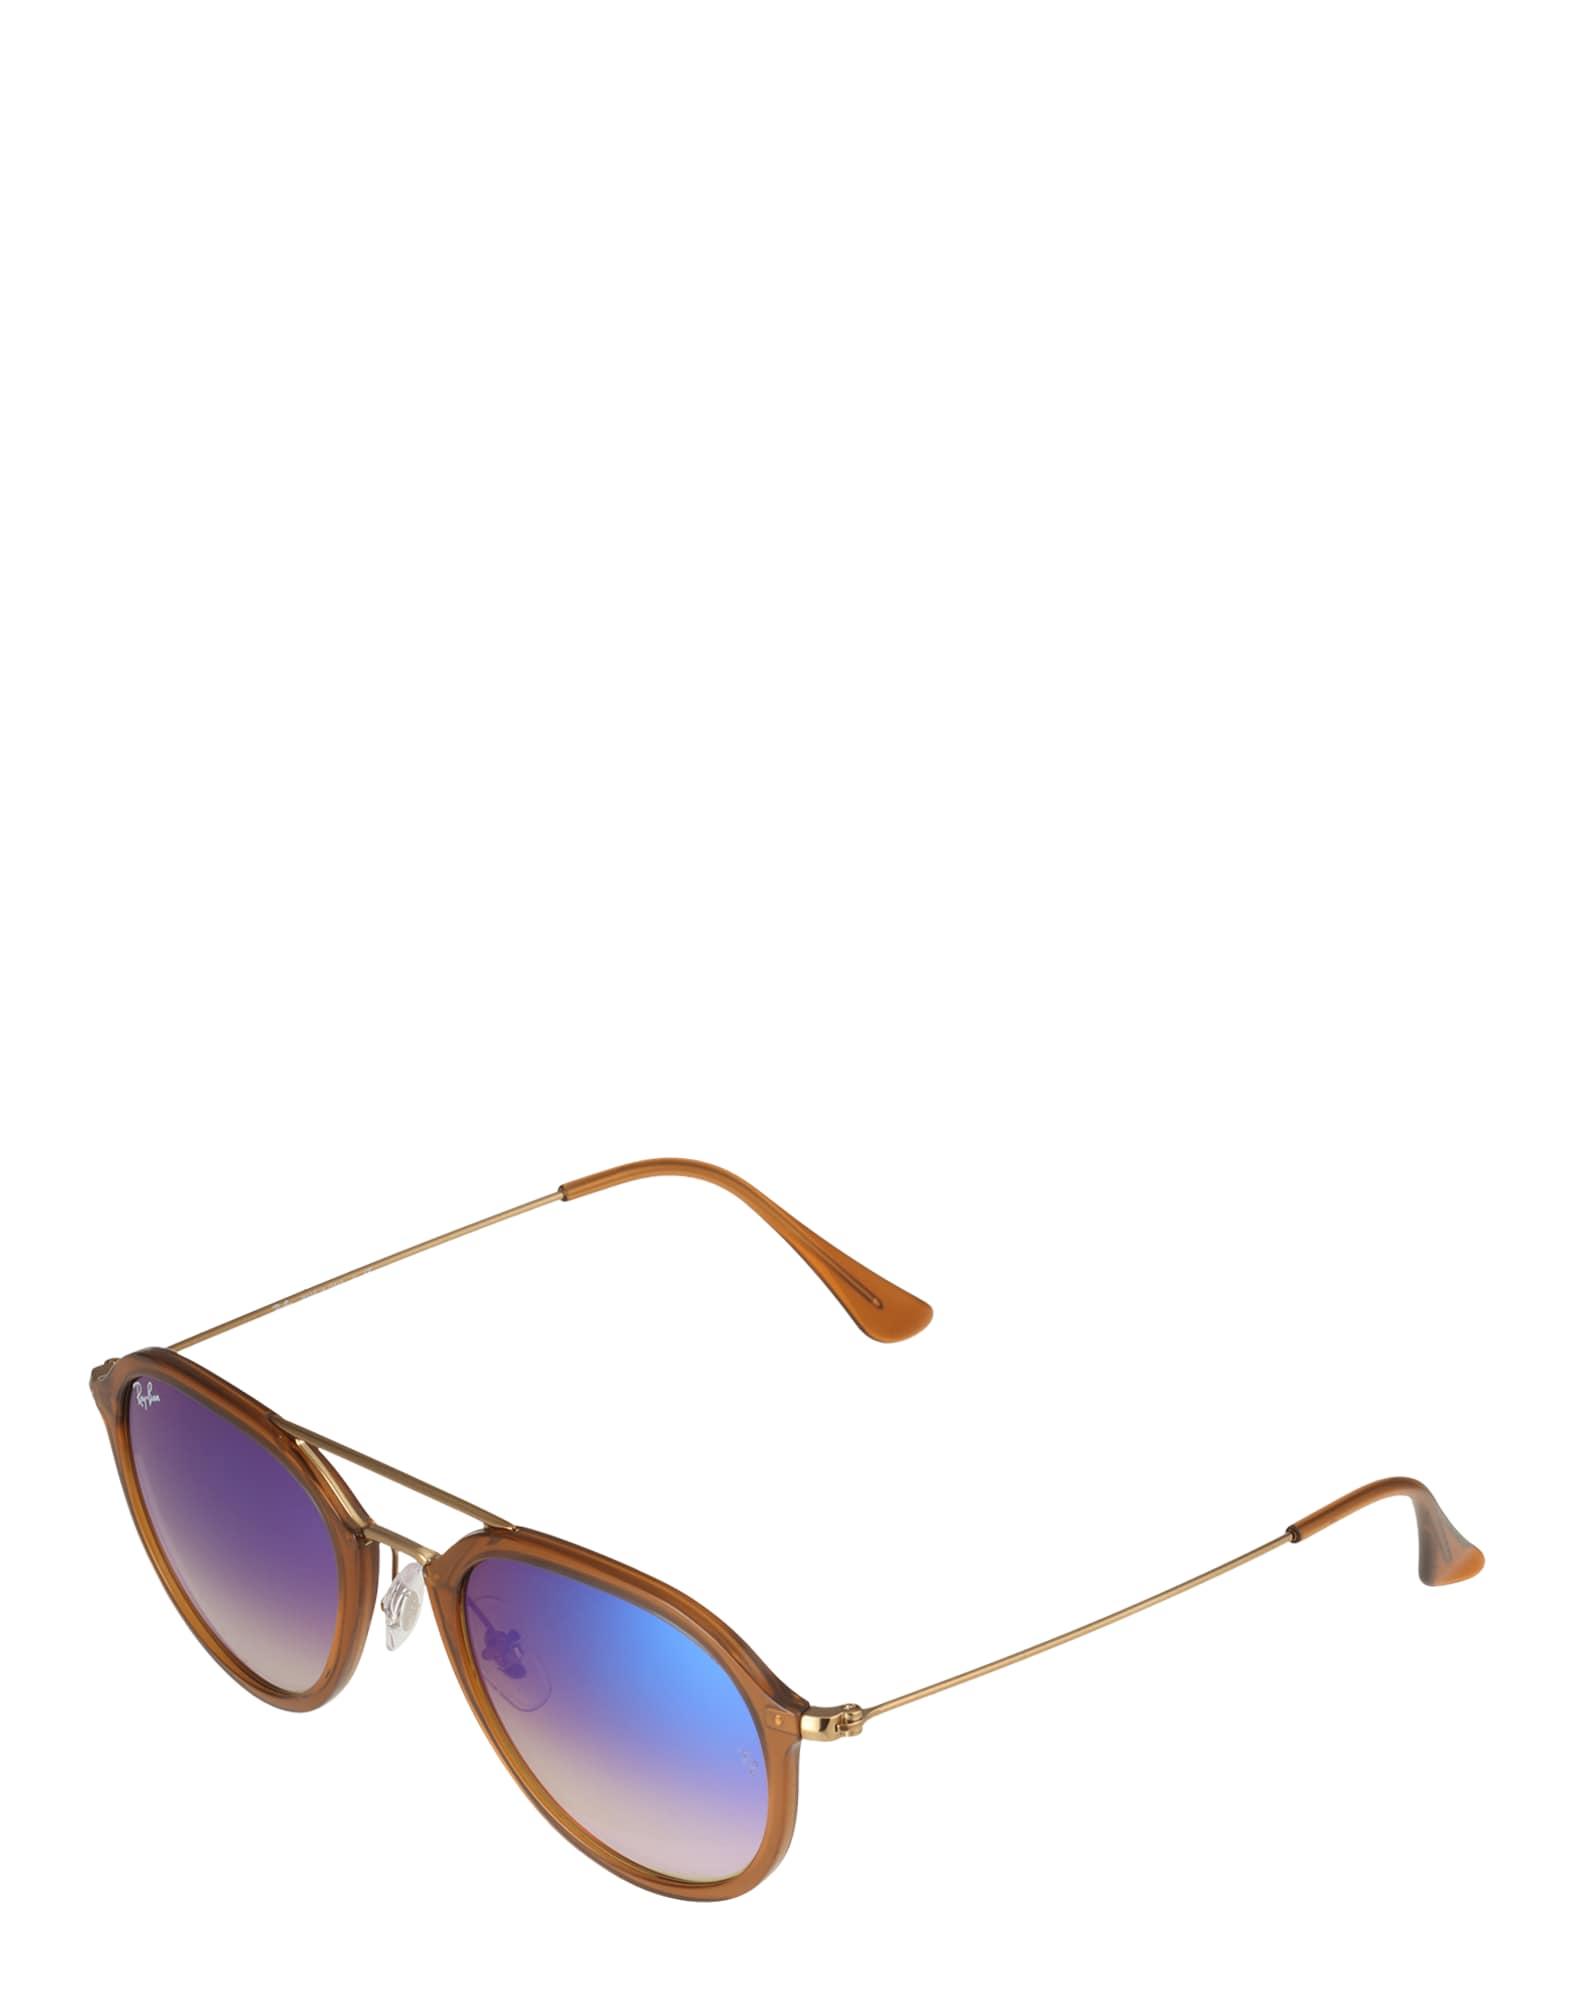 Sluneční brýle 0RB4253 modrá světle hnědá Ray-Ban